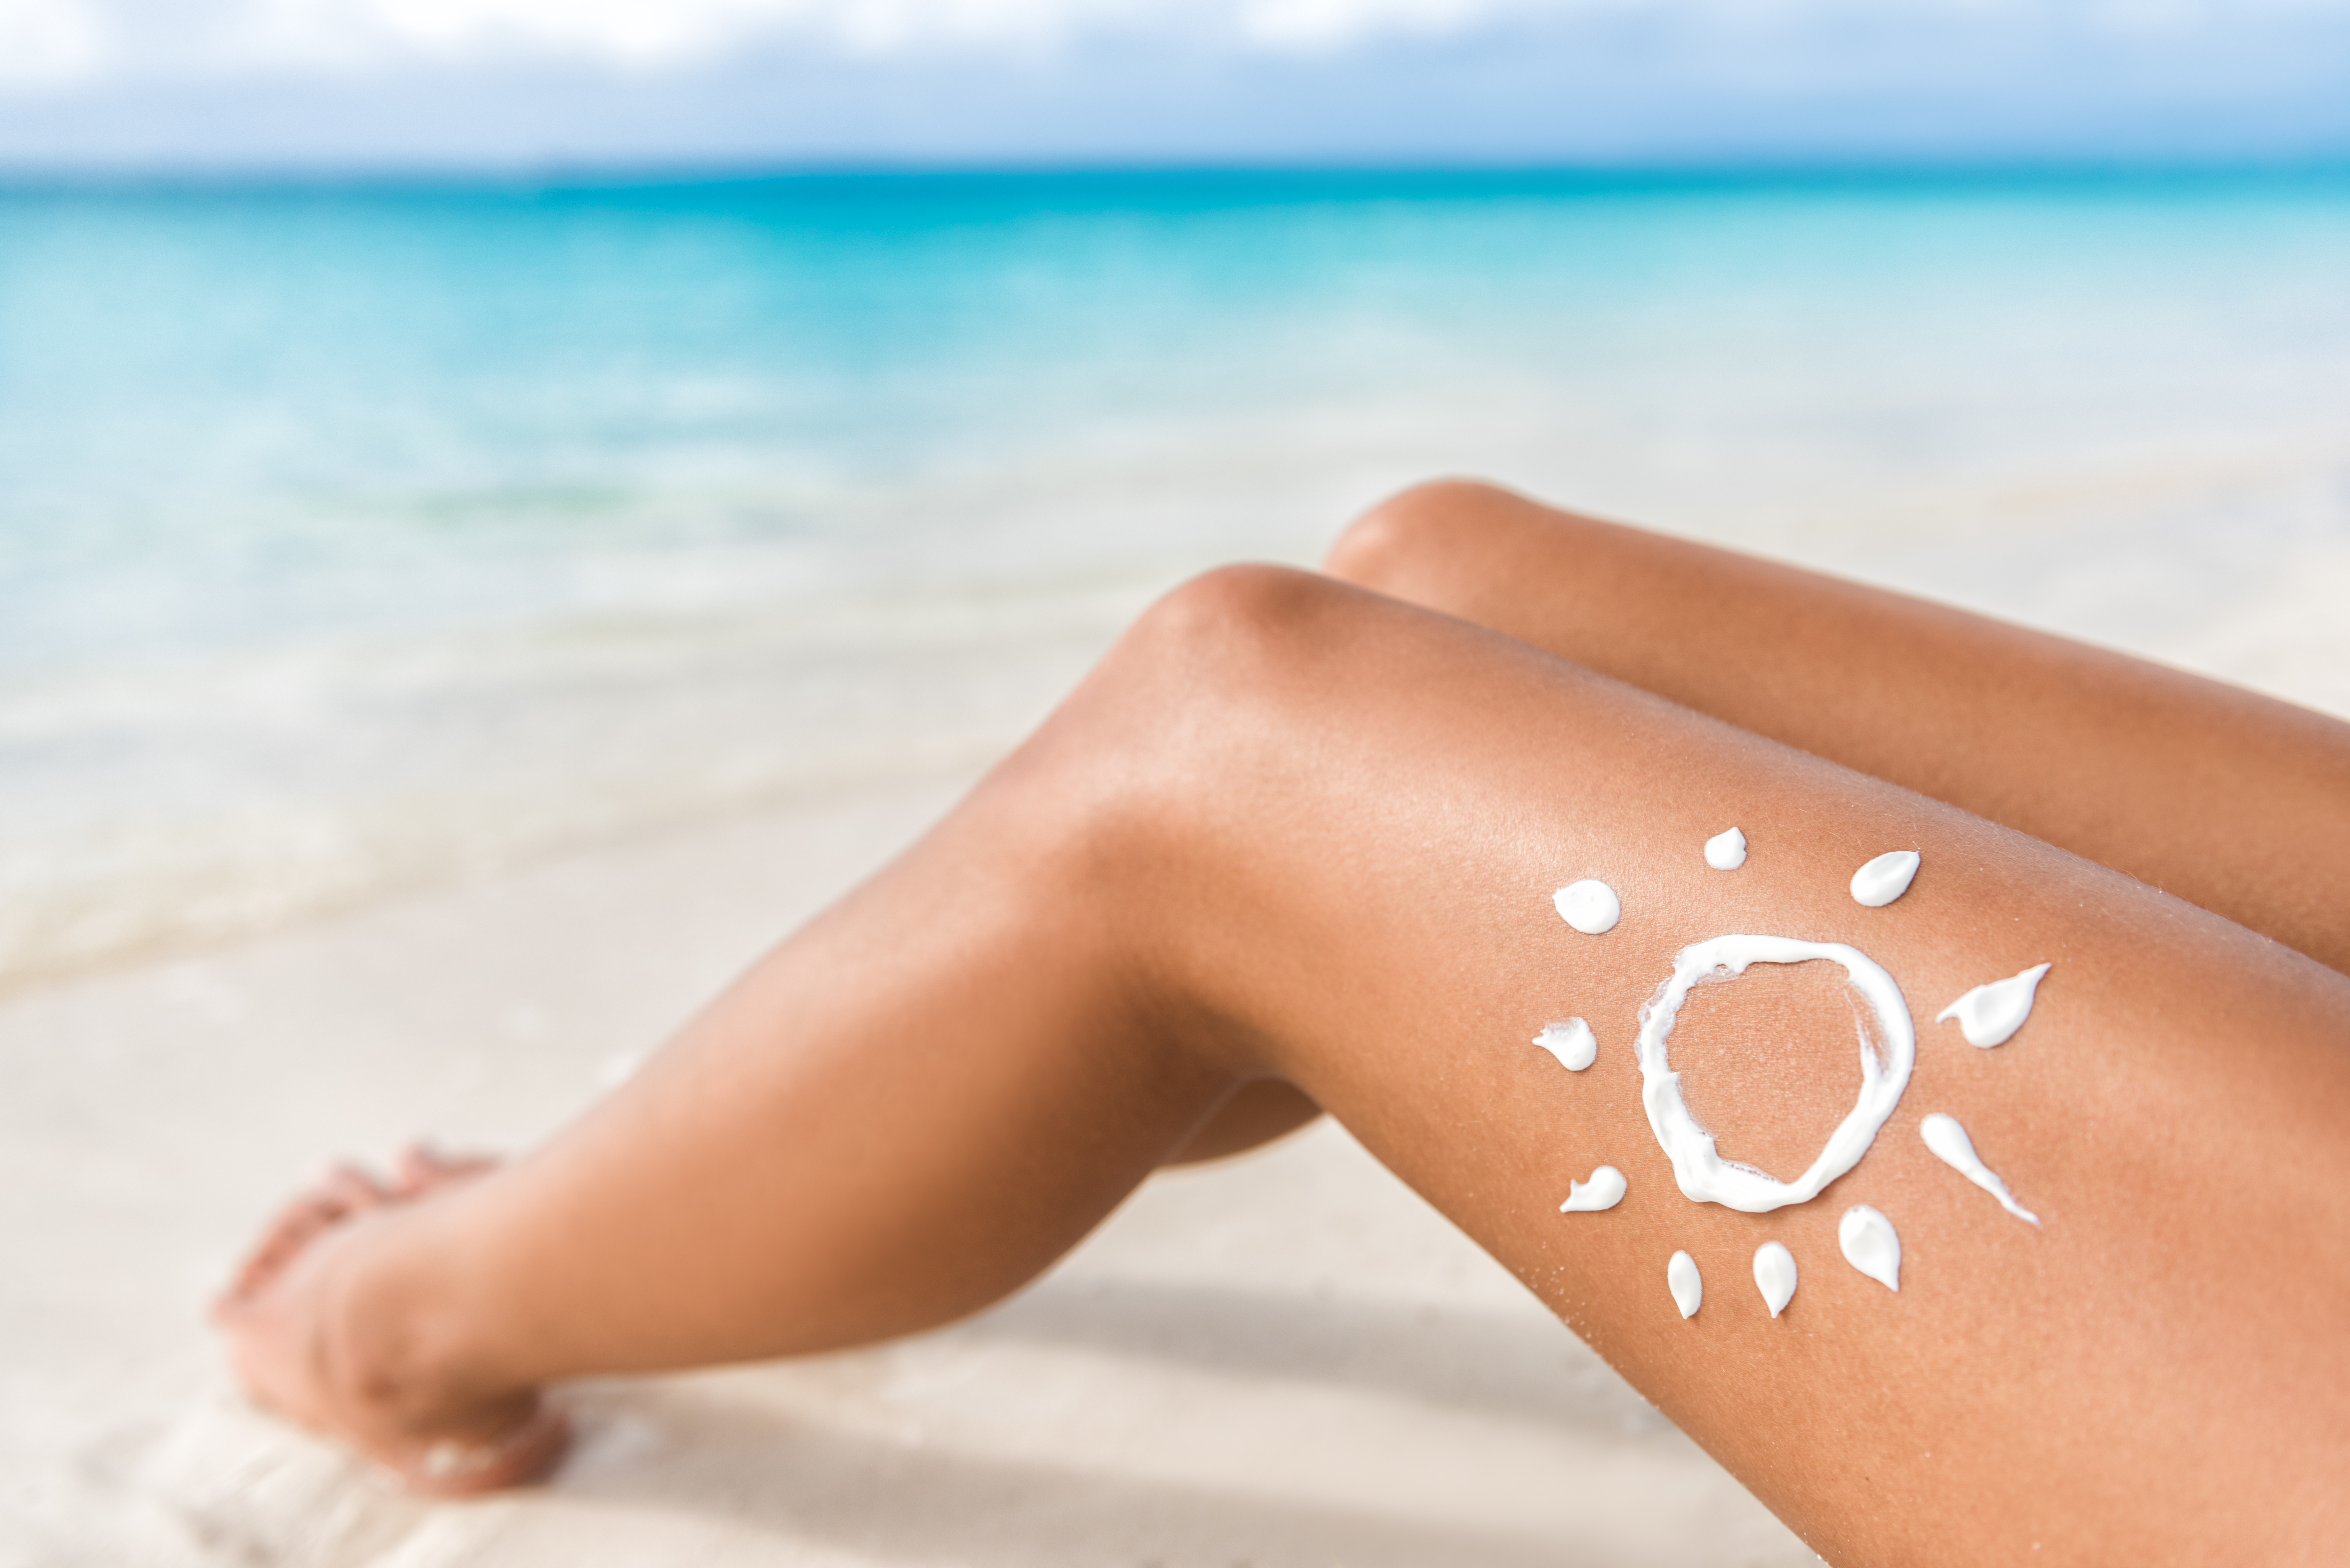 足に日焼け止めを塗る